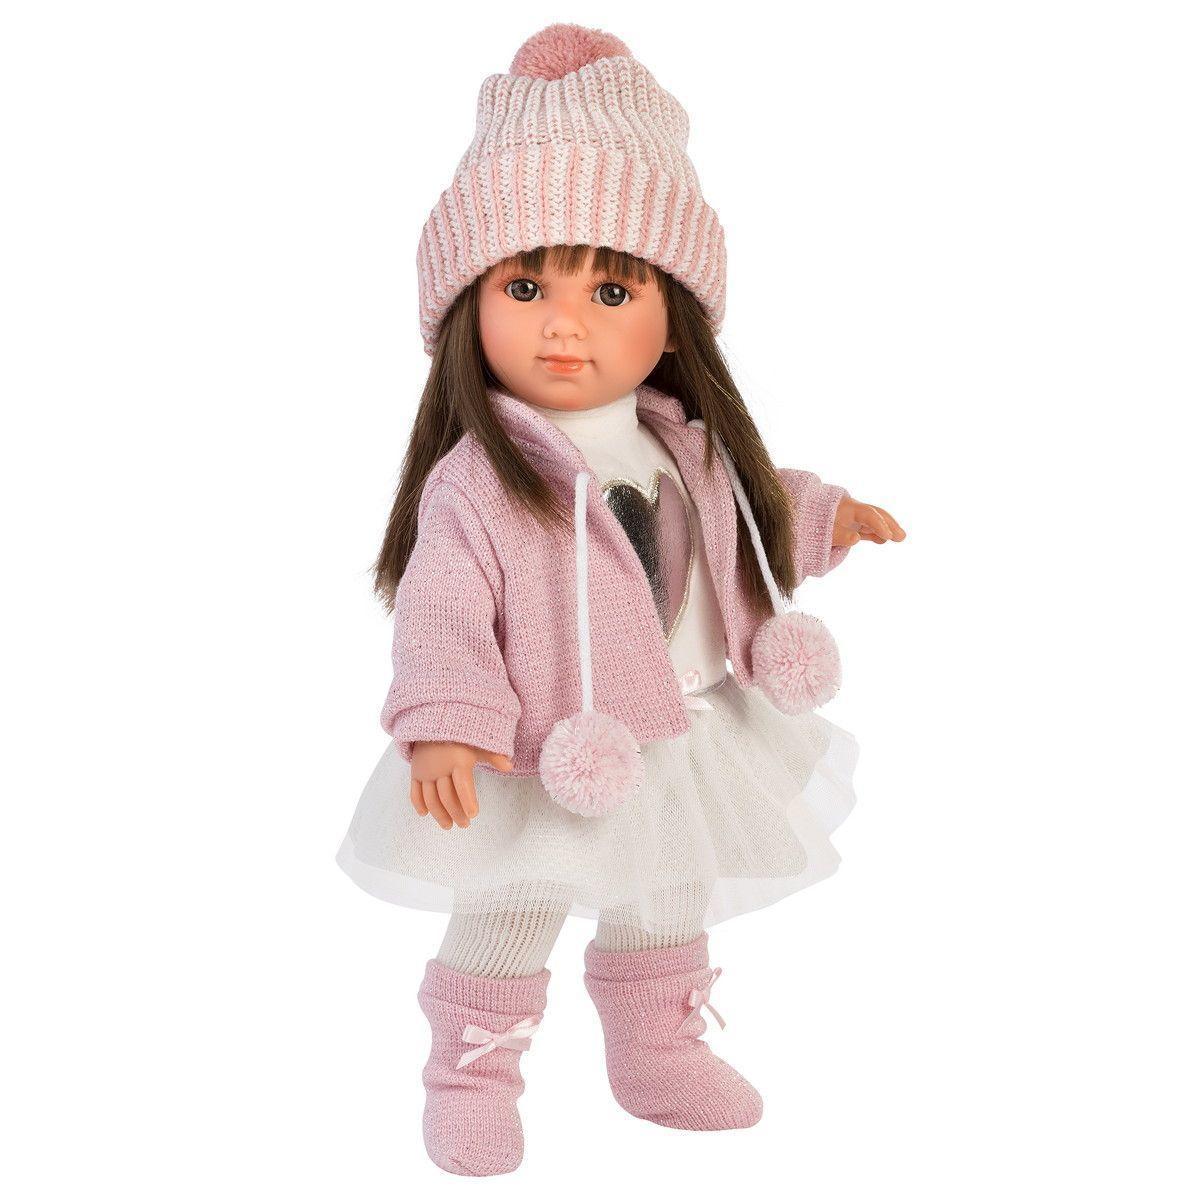 Кукла Llorens Сара шатенка в розовом жакете и белой кружевной юбке - фото 2